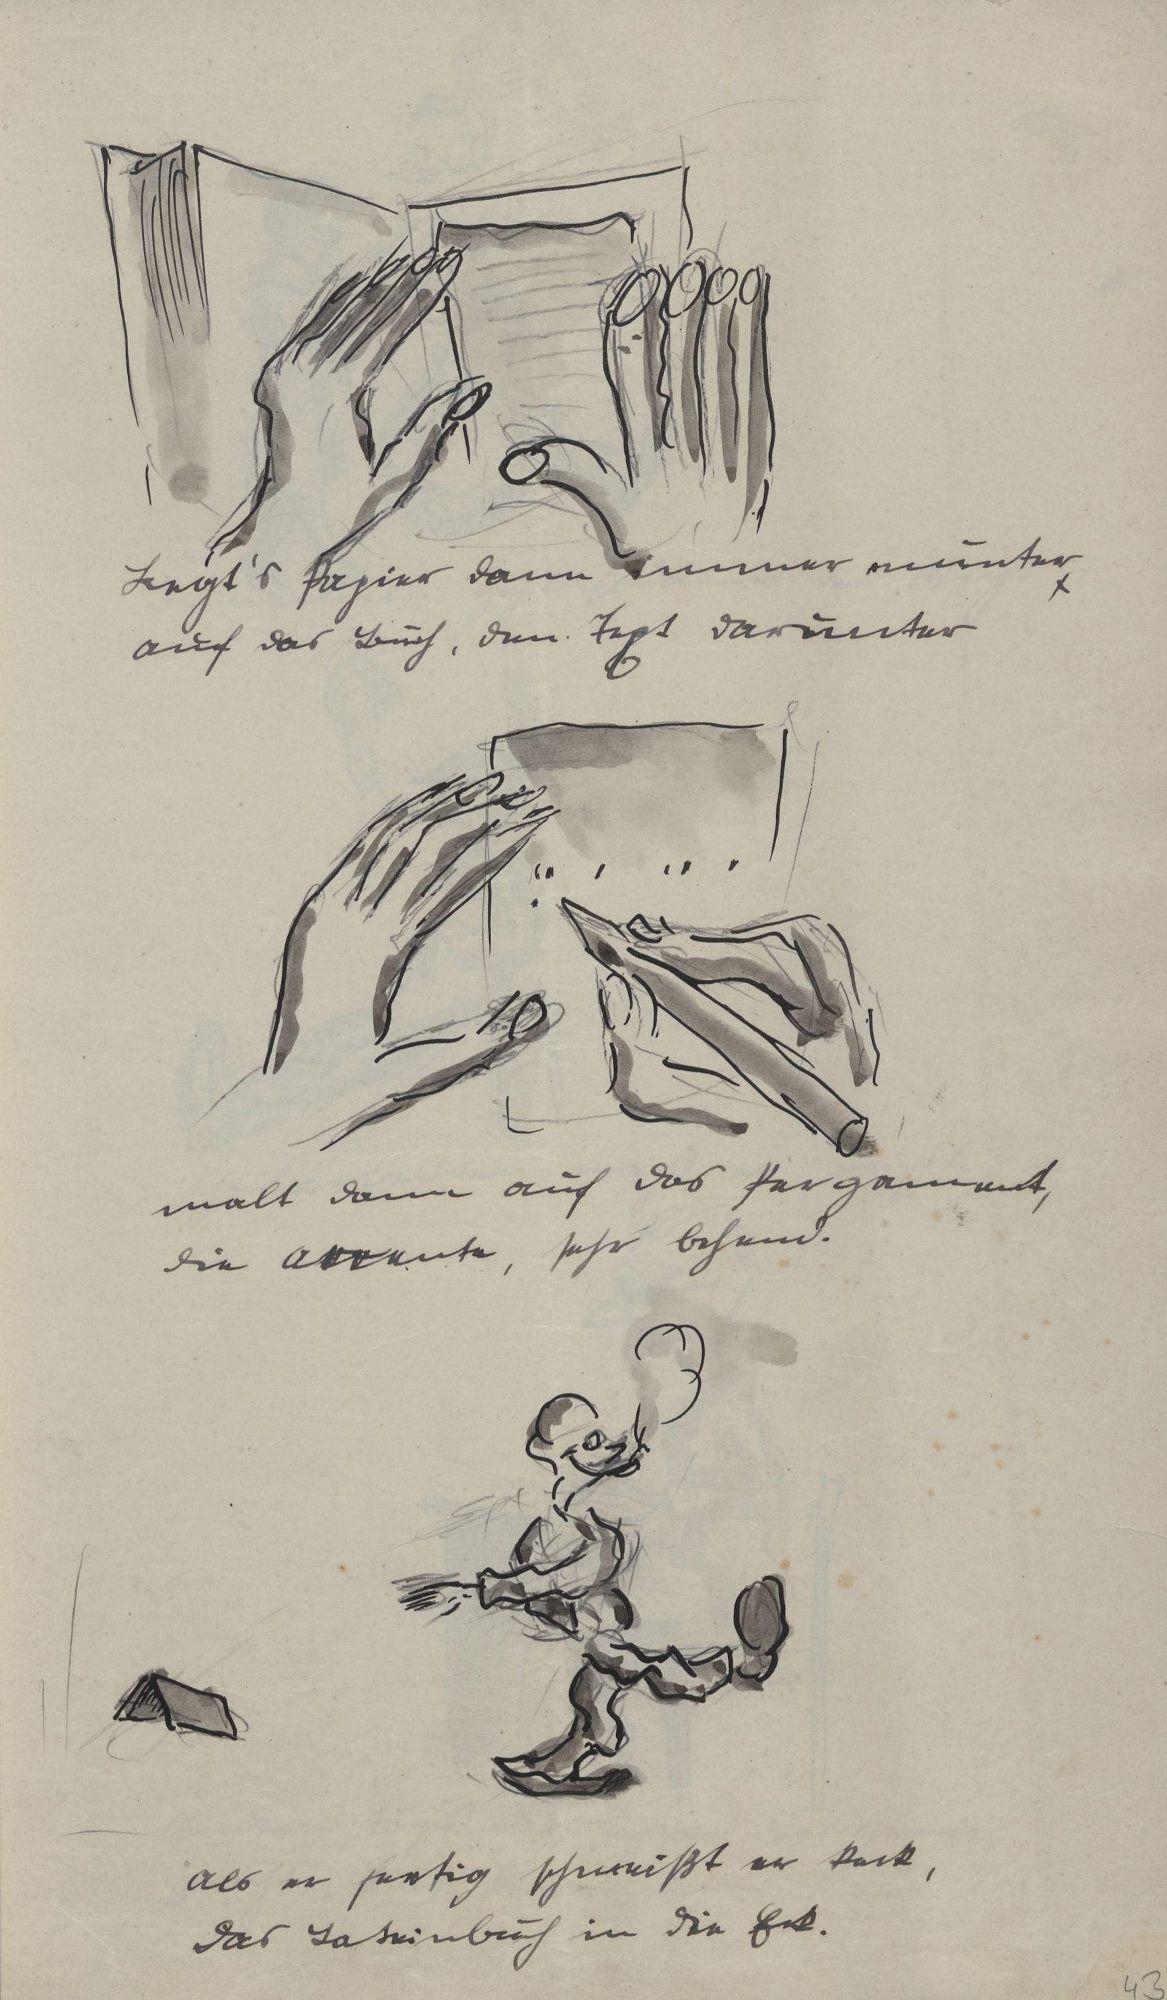 Legt's Papier dann immer munter auf das Buch, den Text darunter malt dann auf das Pergament die Accente sehr behend Als er fertig schmeißt er keck das Lateinbuch in die Eck.